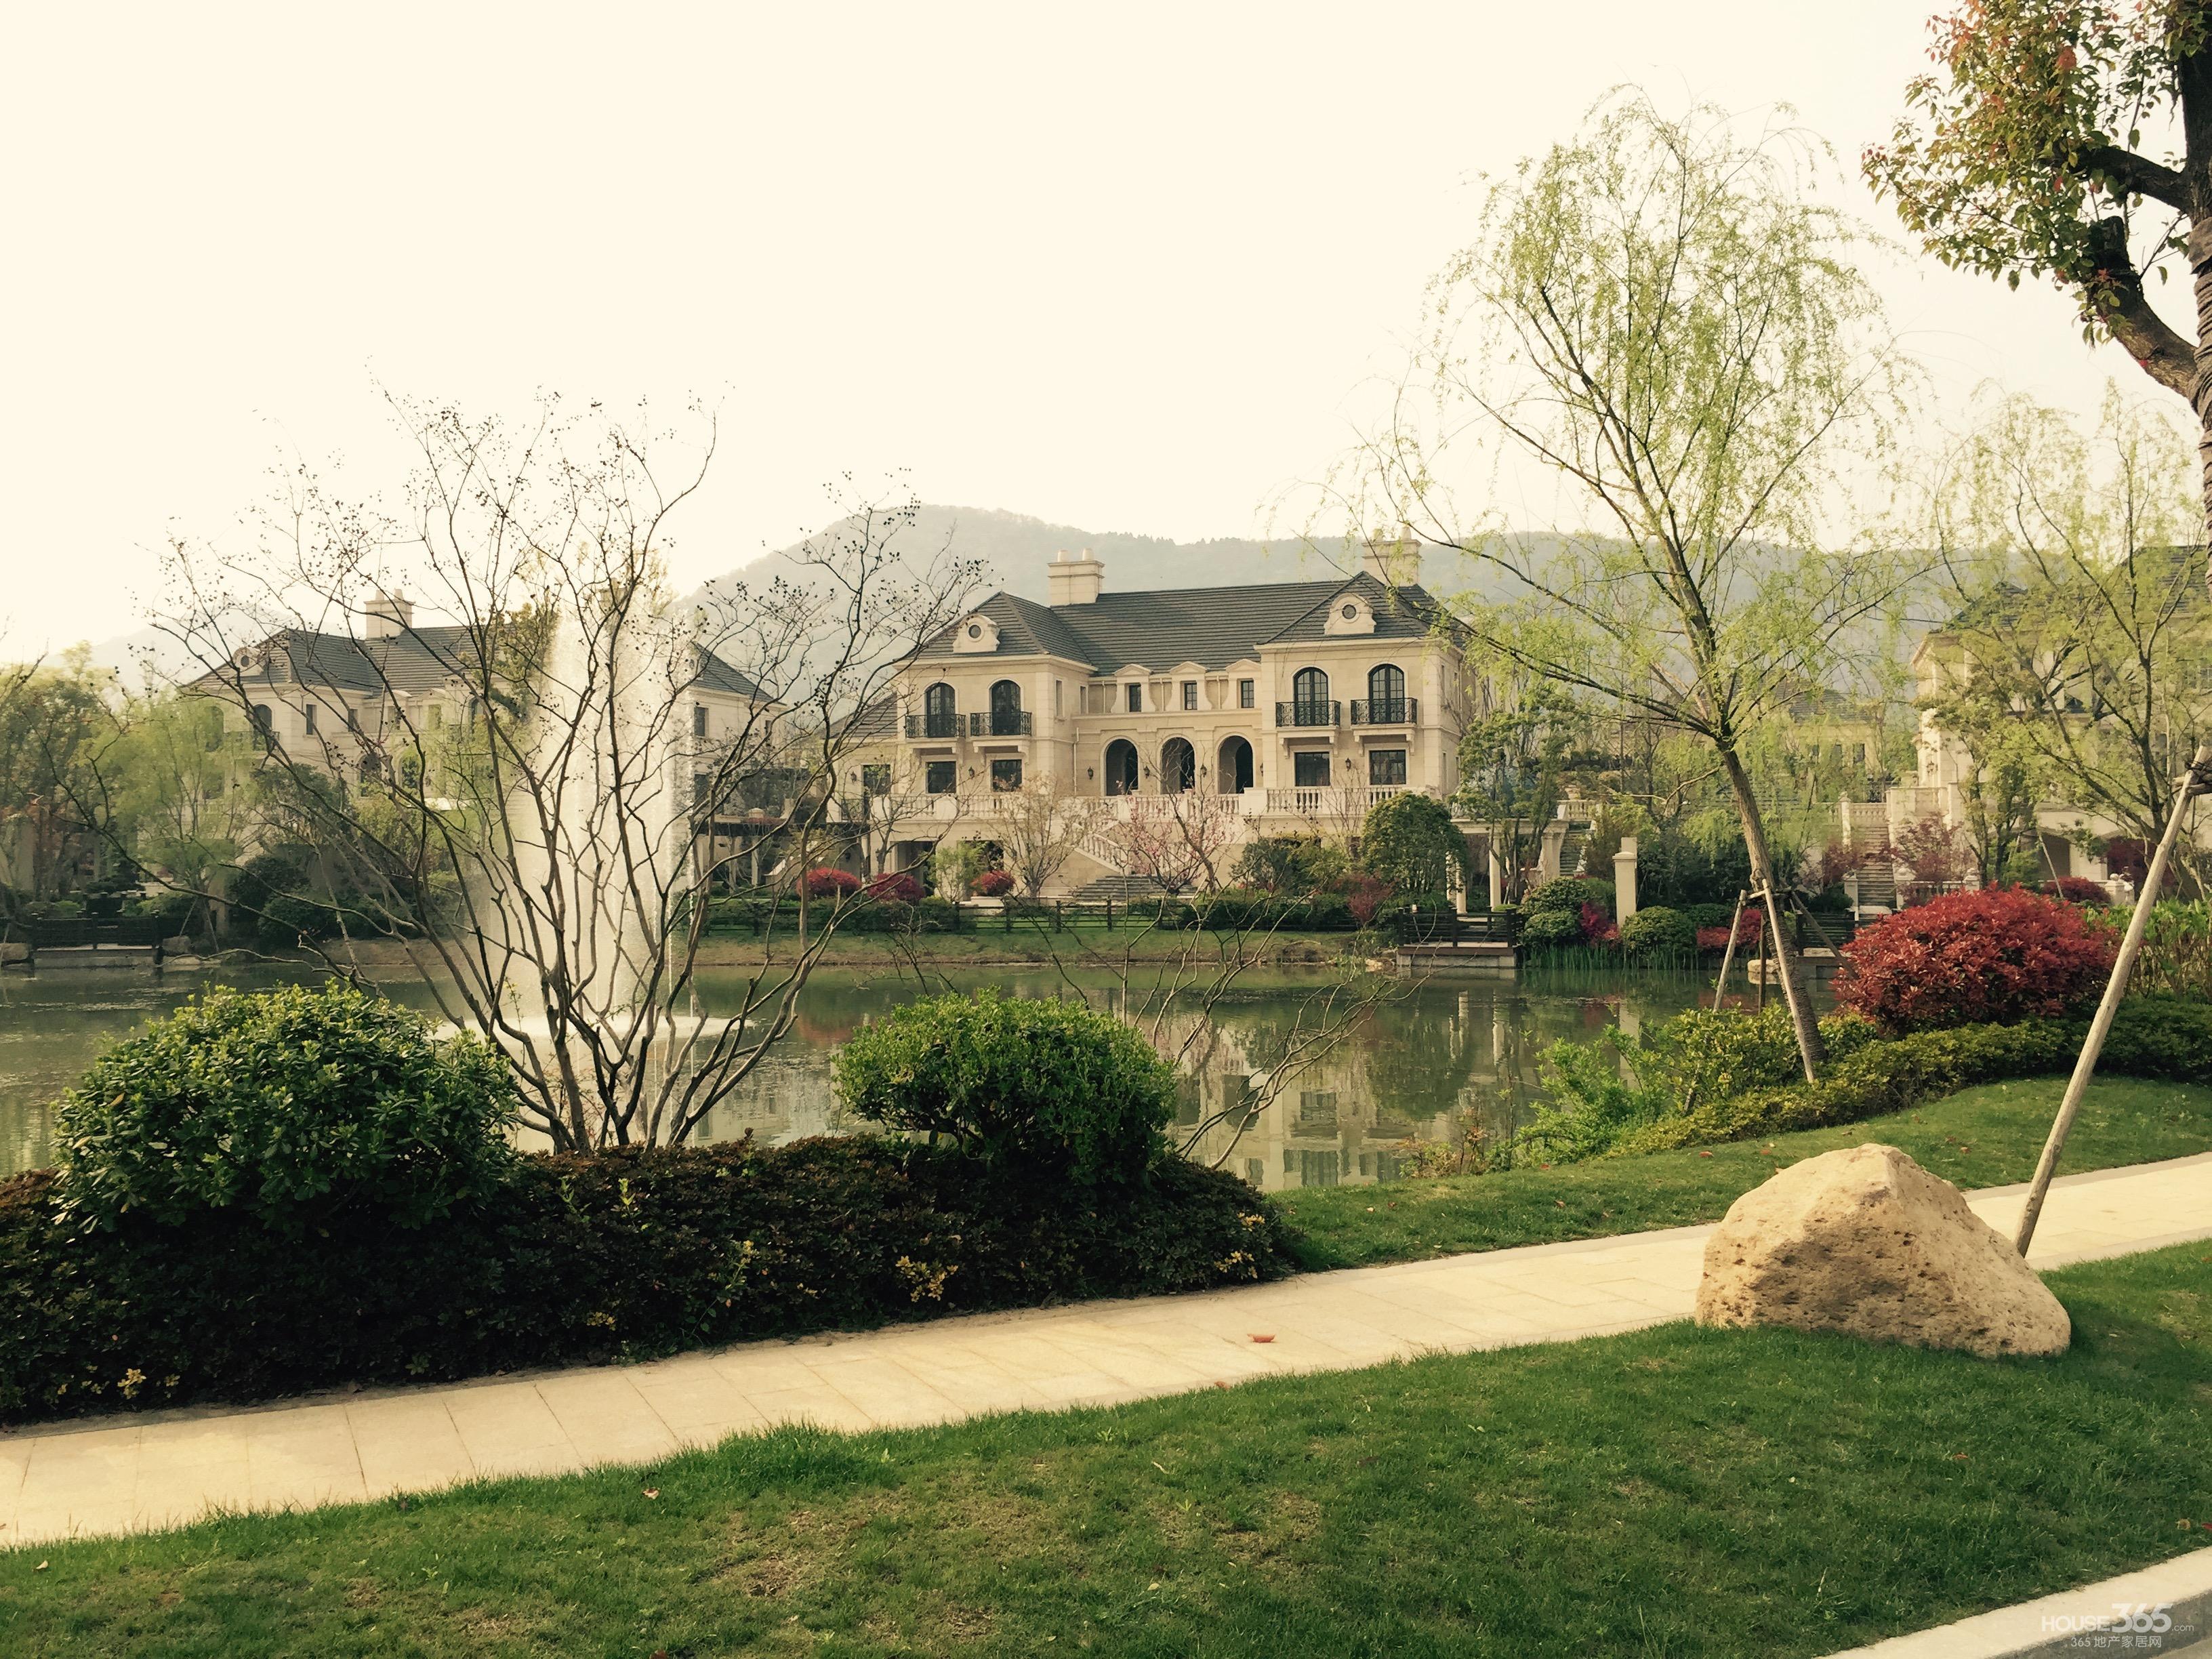 绿城玫瑰园 顶级别墅 高贵荣耀 靠山靠水 超大花园